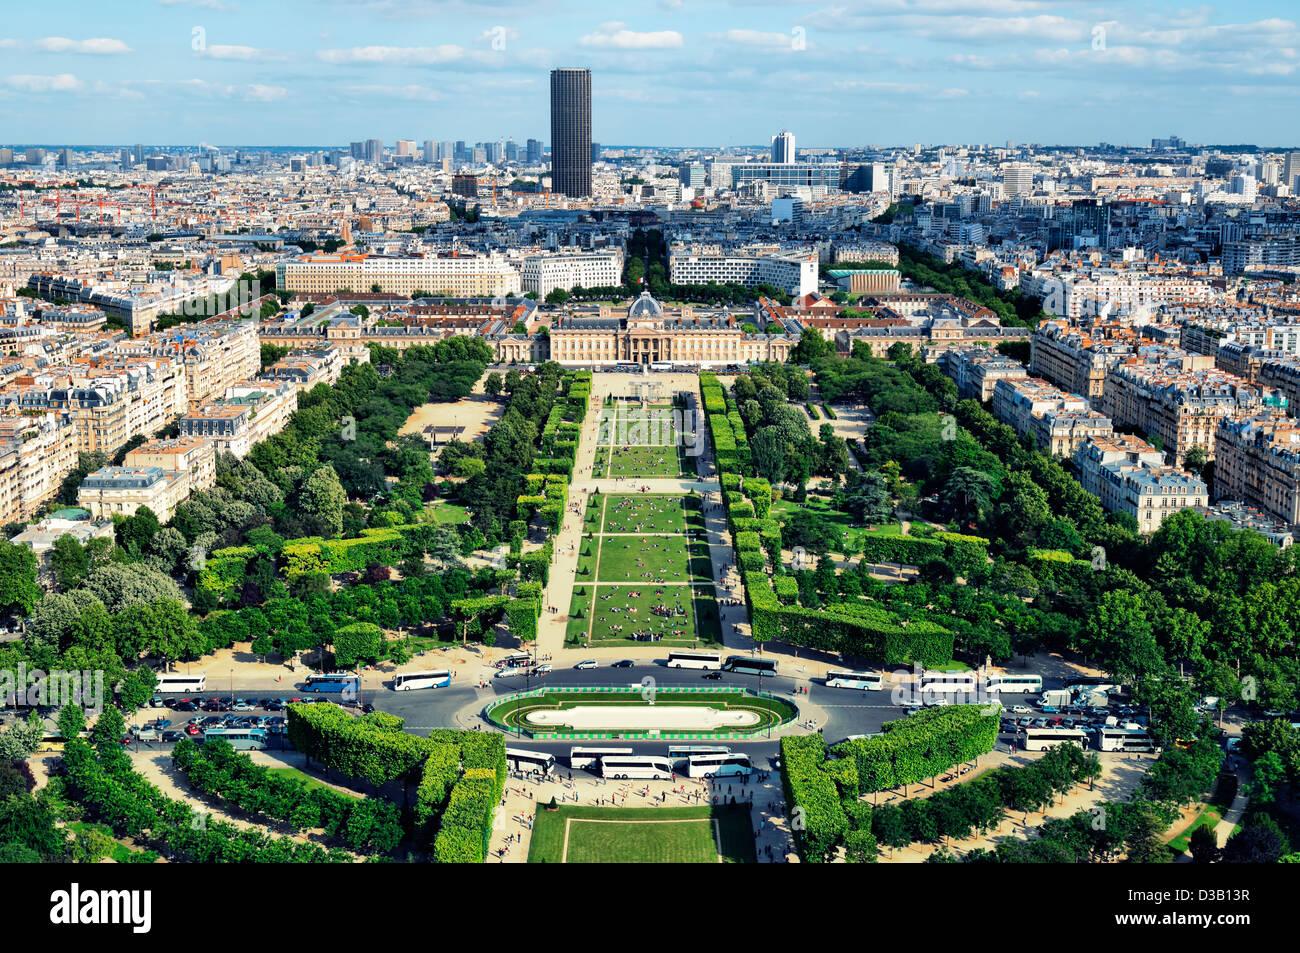 View of Champ de Mars, Paris - France - Stock Image